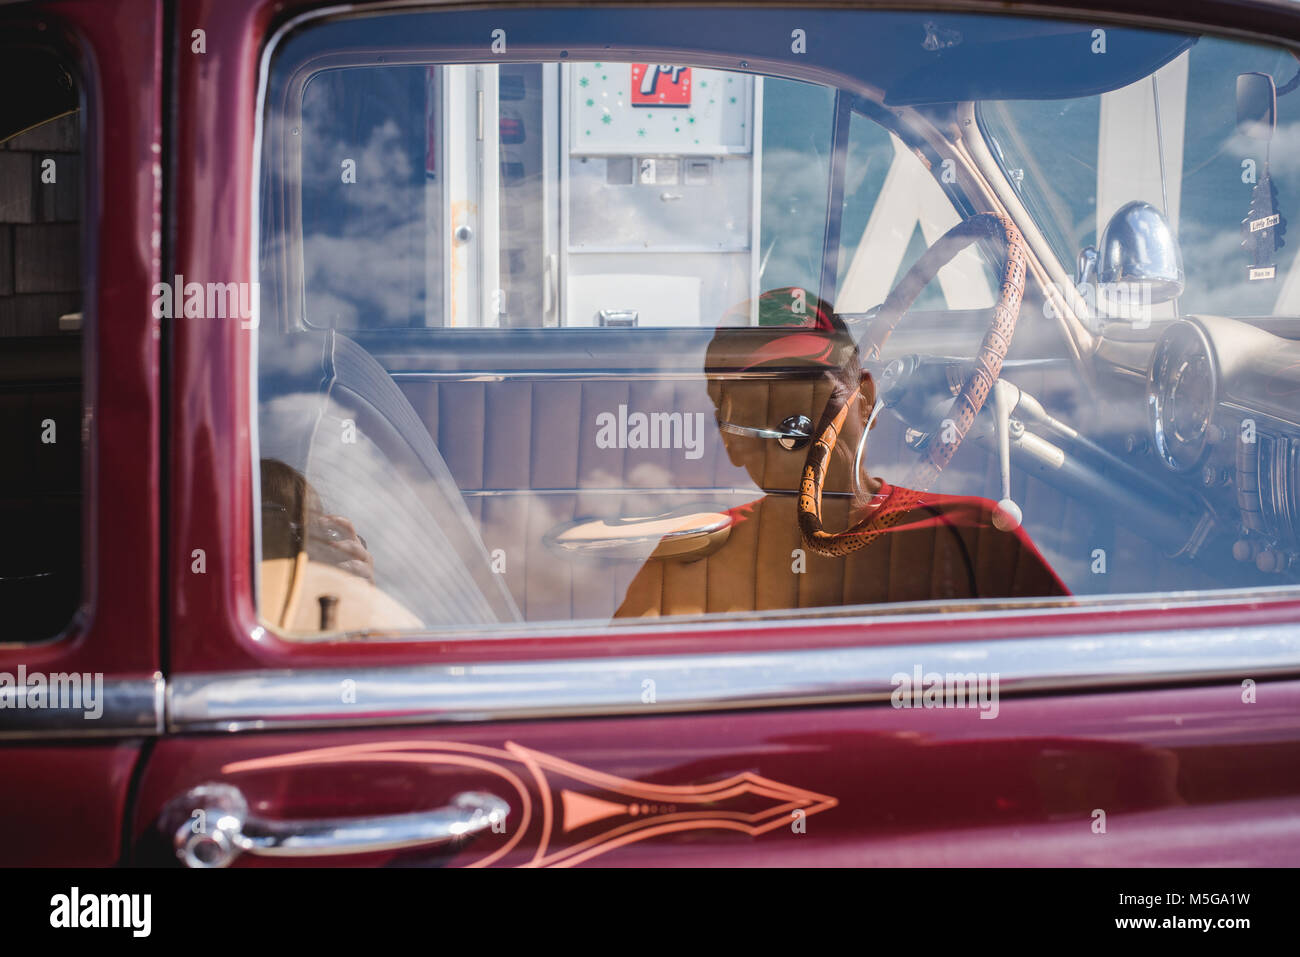 El reflejo de un hombre en la ventanilla de un auto Chevy vintage. Imagen De Stock